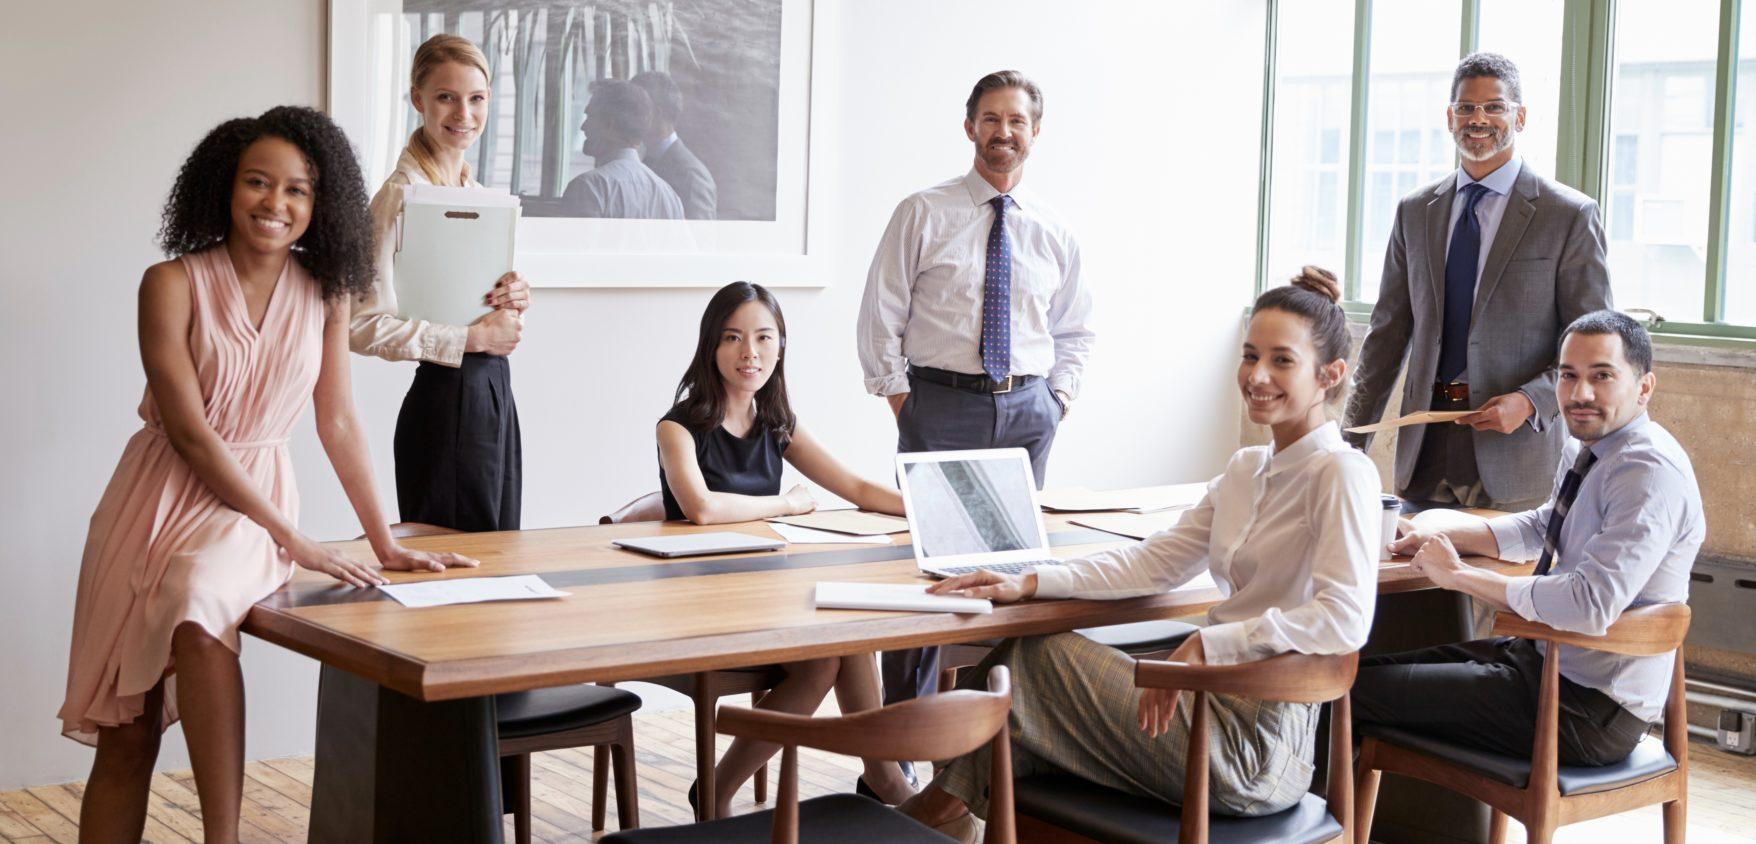 Gör karriär i ditt nuvarande företag